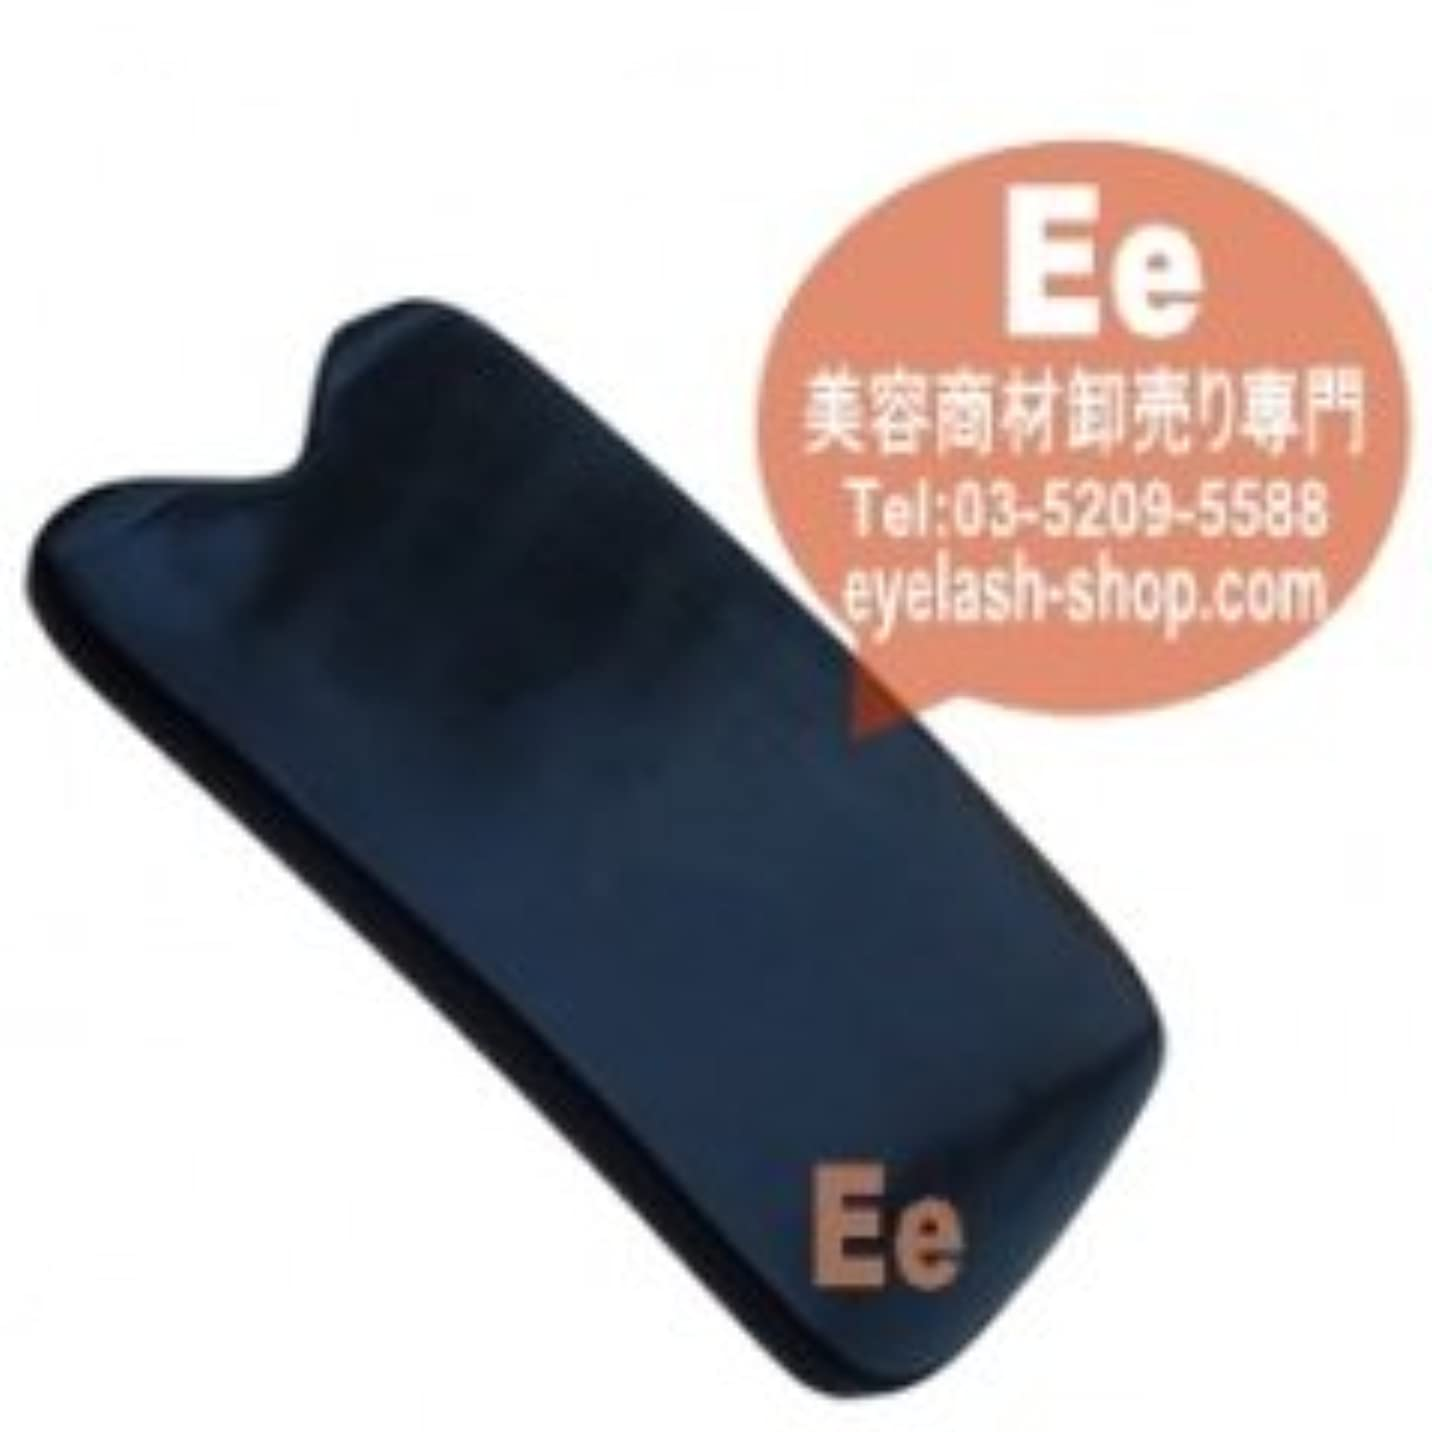 補足シビック乳製品かっさ板 カッサプレート 美容マッサージカッサ板 グアシャ板 水牛の角 A-04